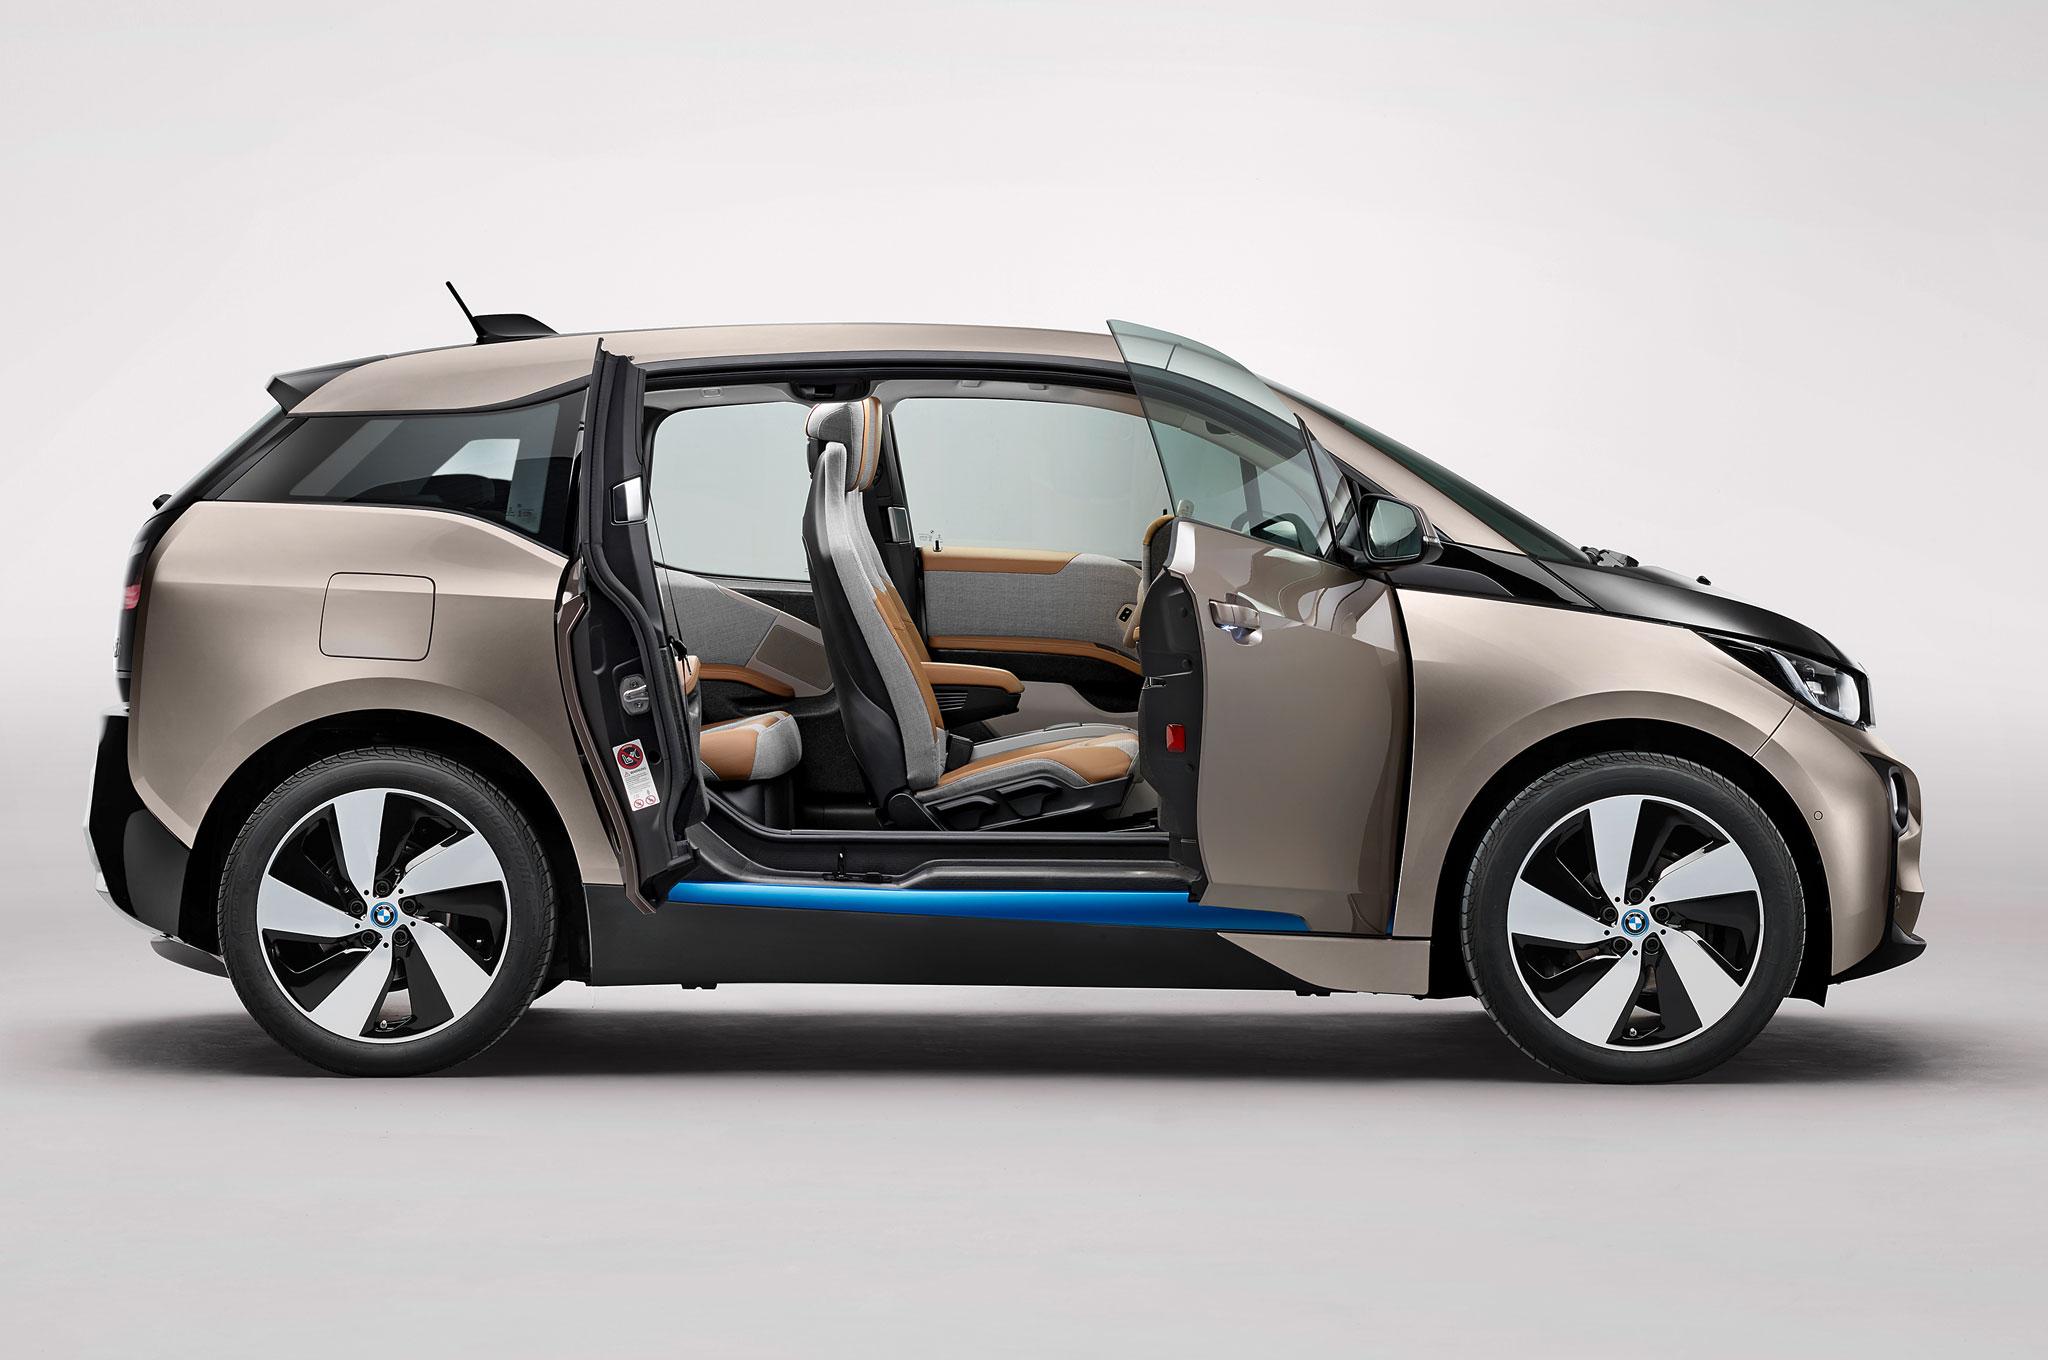 Rumore rumore: ¿Más autonomía para el BMW i3 gracias a unas nuevas baterías? 2